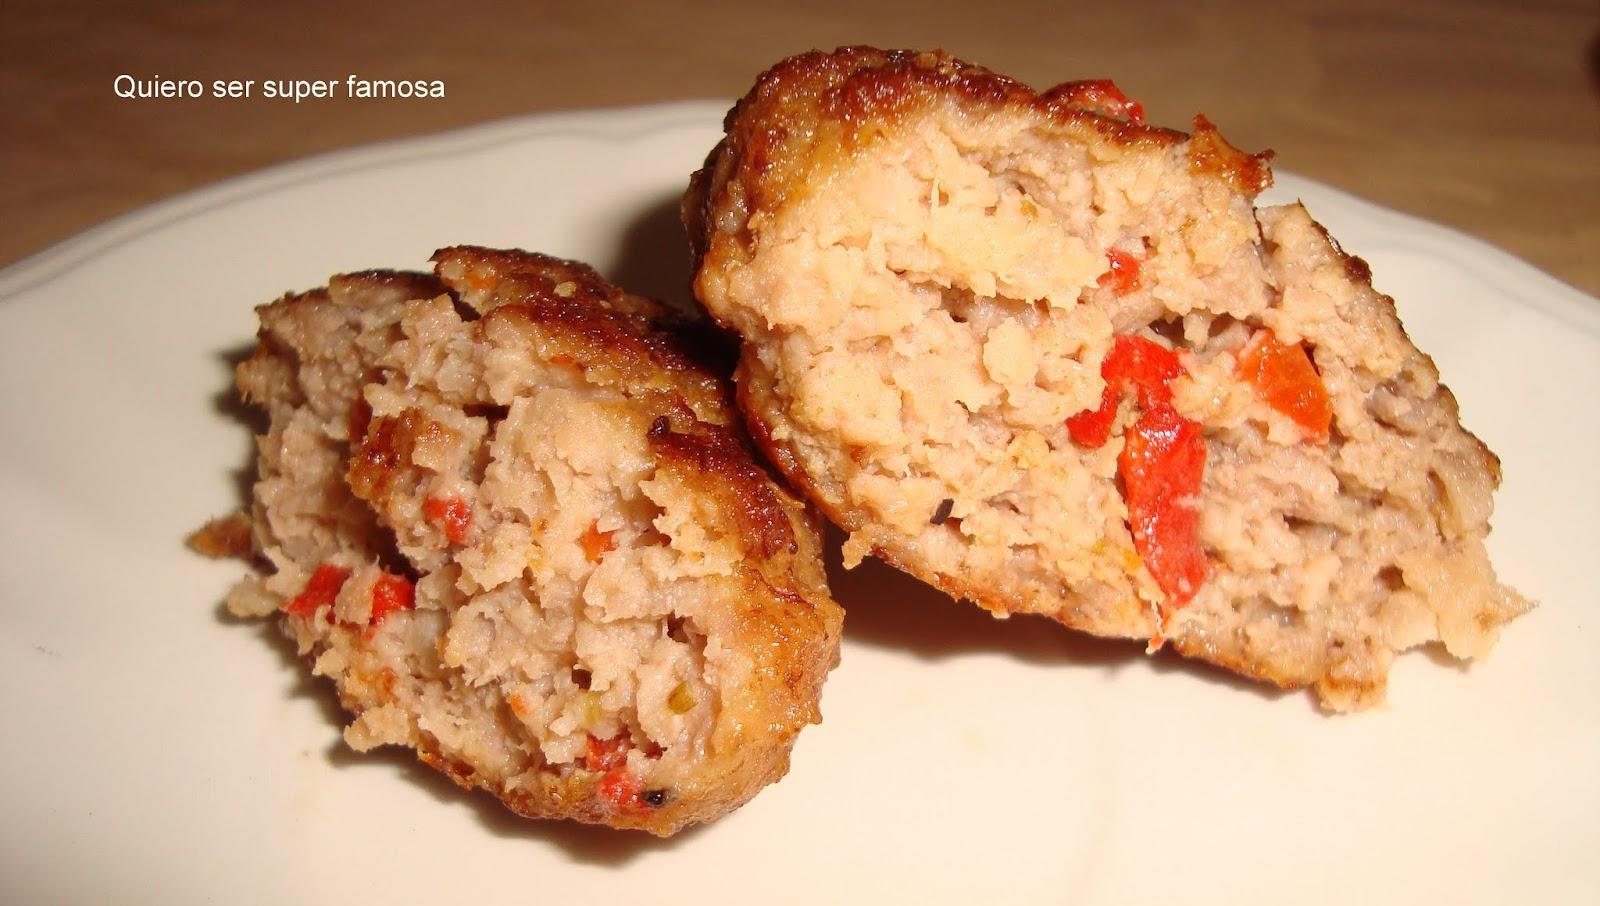 http://cosas-mias-y-demas.blogspot.com.es/2010/08/frikadellen-la-mostaza-con-guarnicion.html